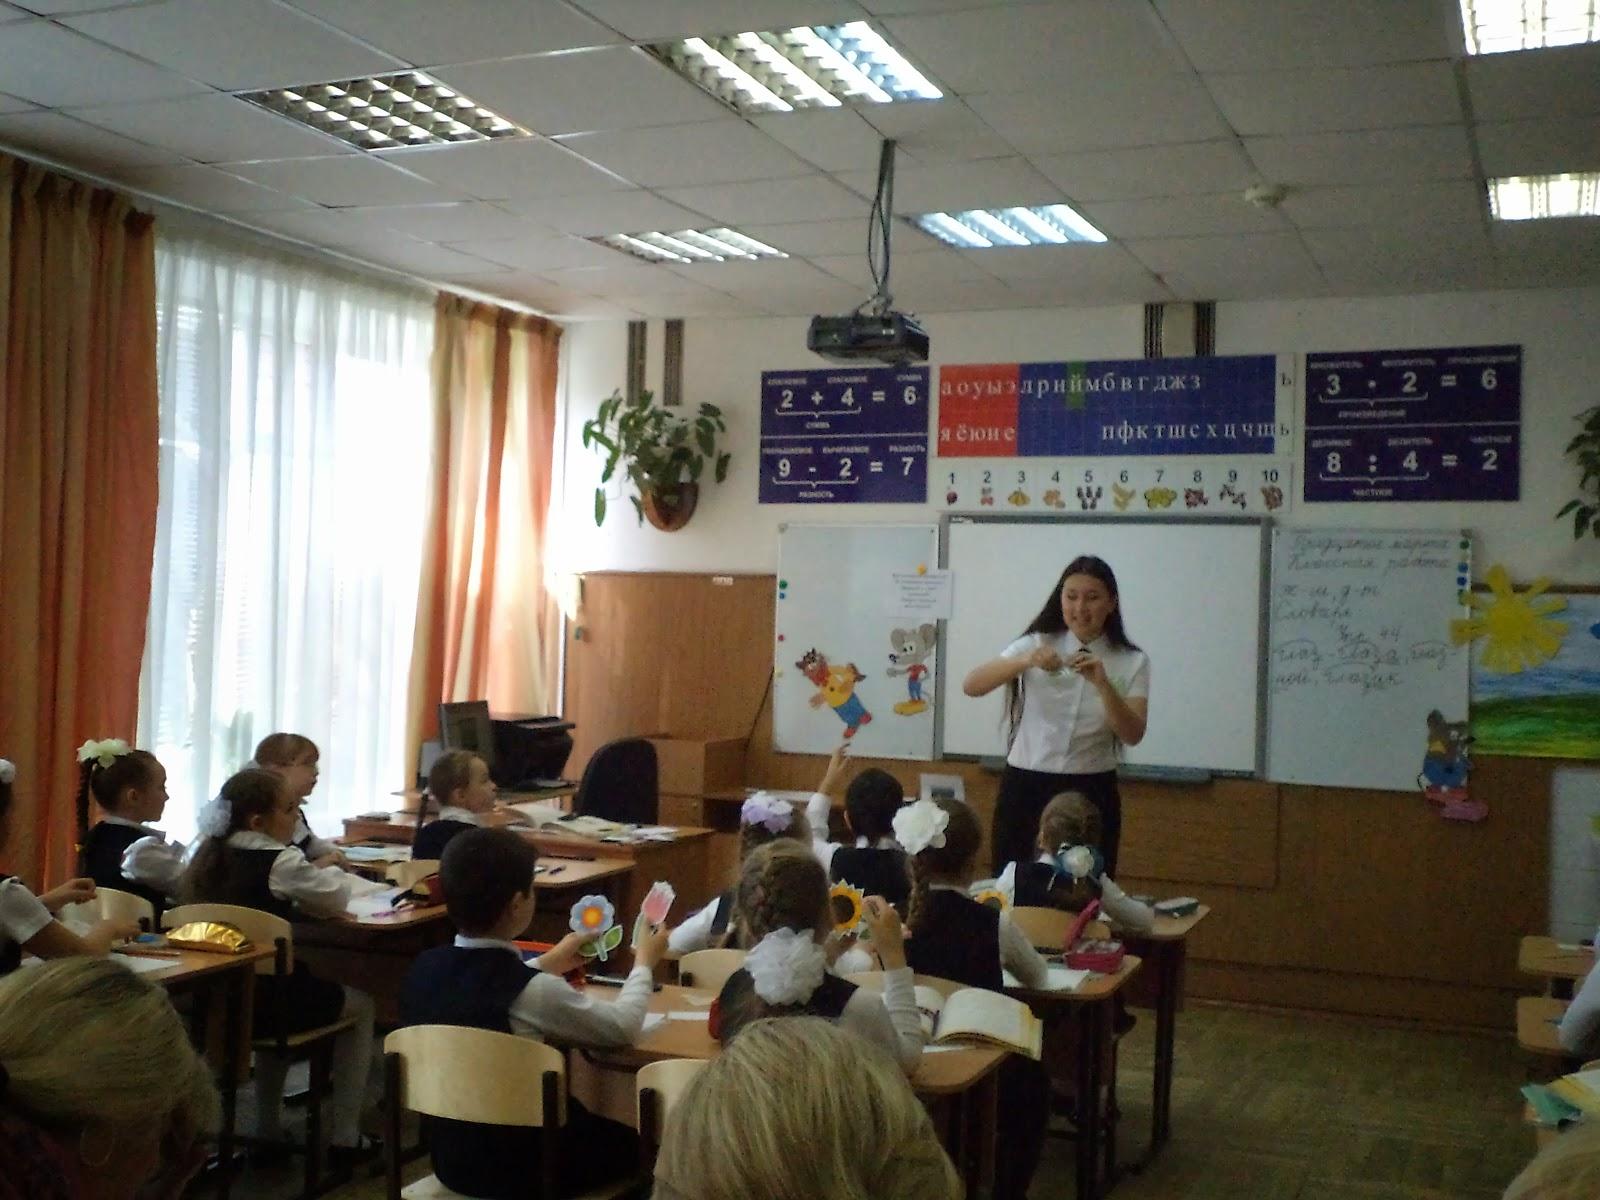 Учительница дала ученику после уроков 5 фотография